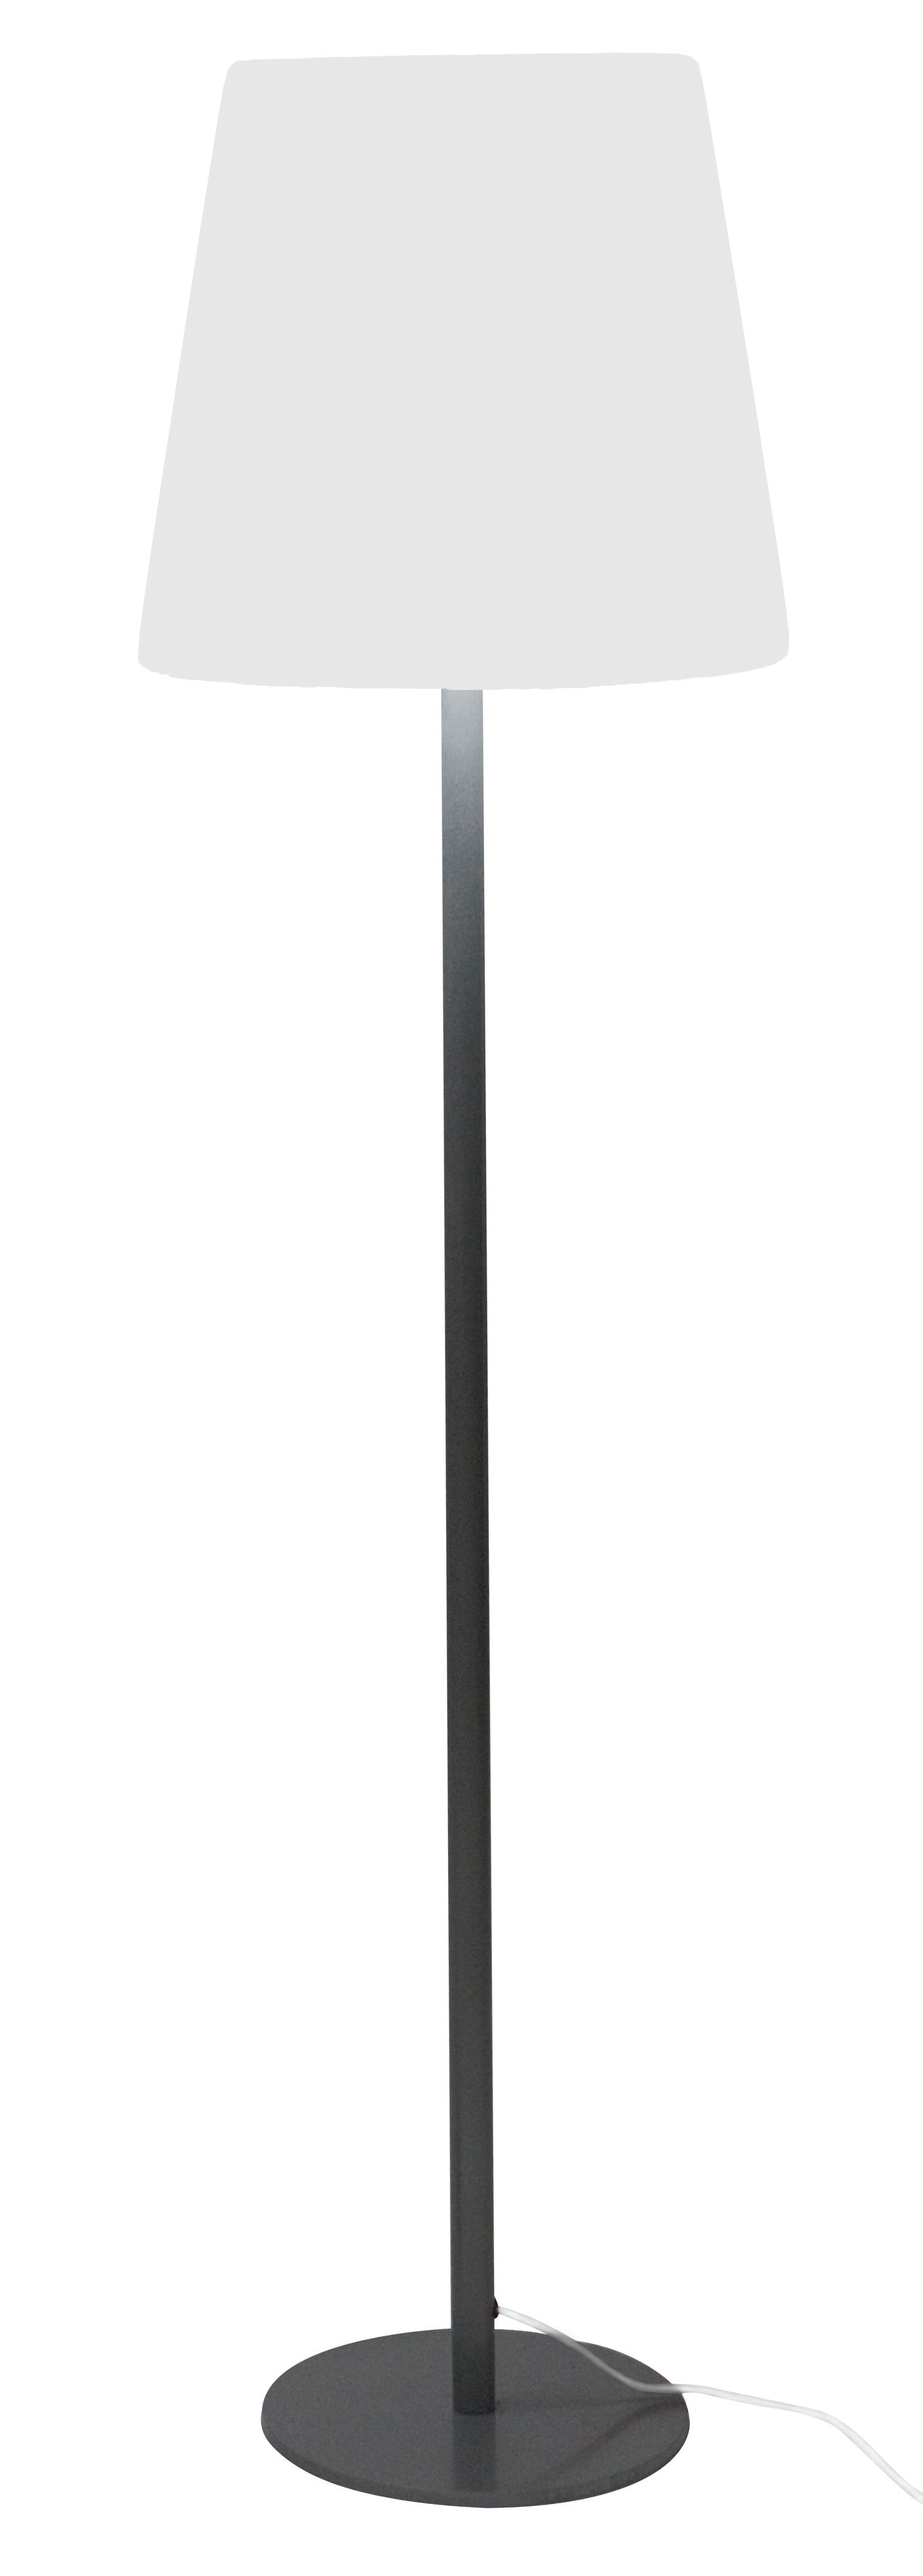 Leuchten - Stehleuchten - Ali Baba Stehleuchte - Slide - Stehlampe mit Standfuß - Edelstahl, Polyéthylène recyclable